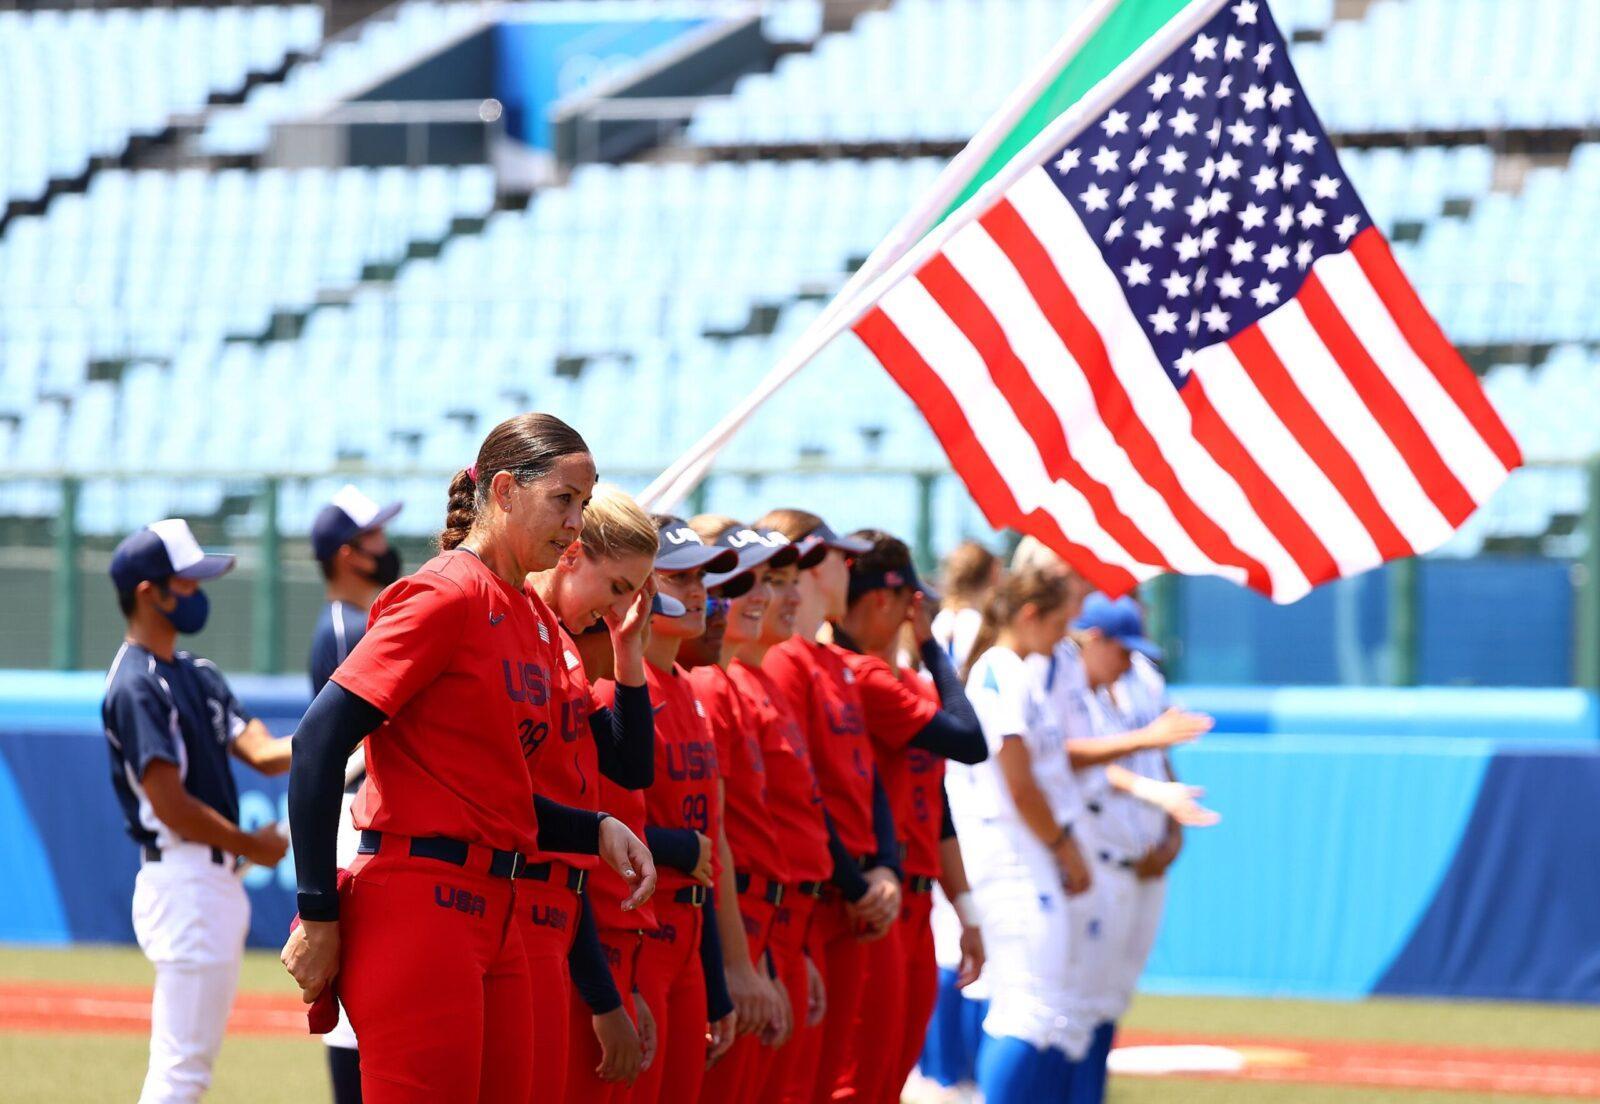 Шесть новых видов спорта делают Токио-2020 крупнейшими Олимпийскими играми в истории (1626843816550 scaled)